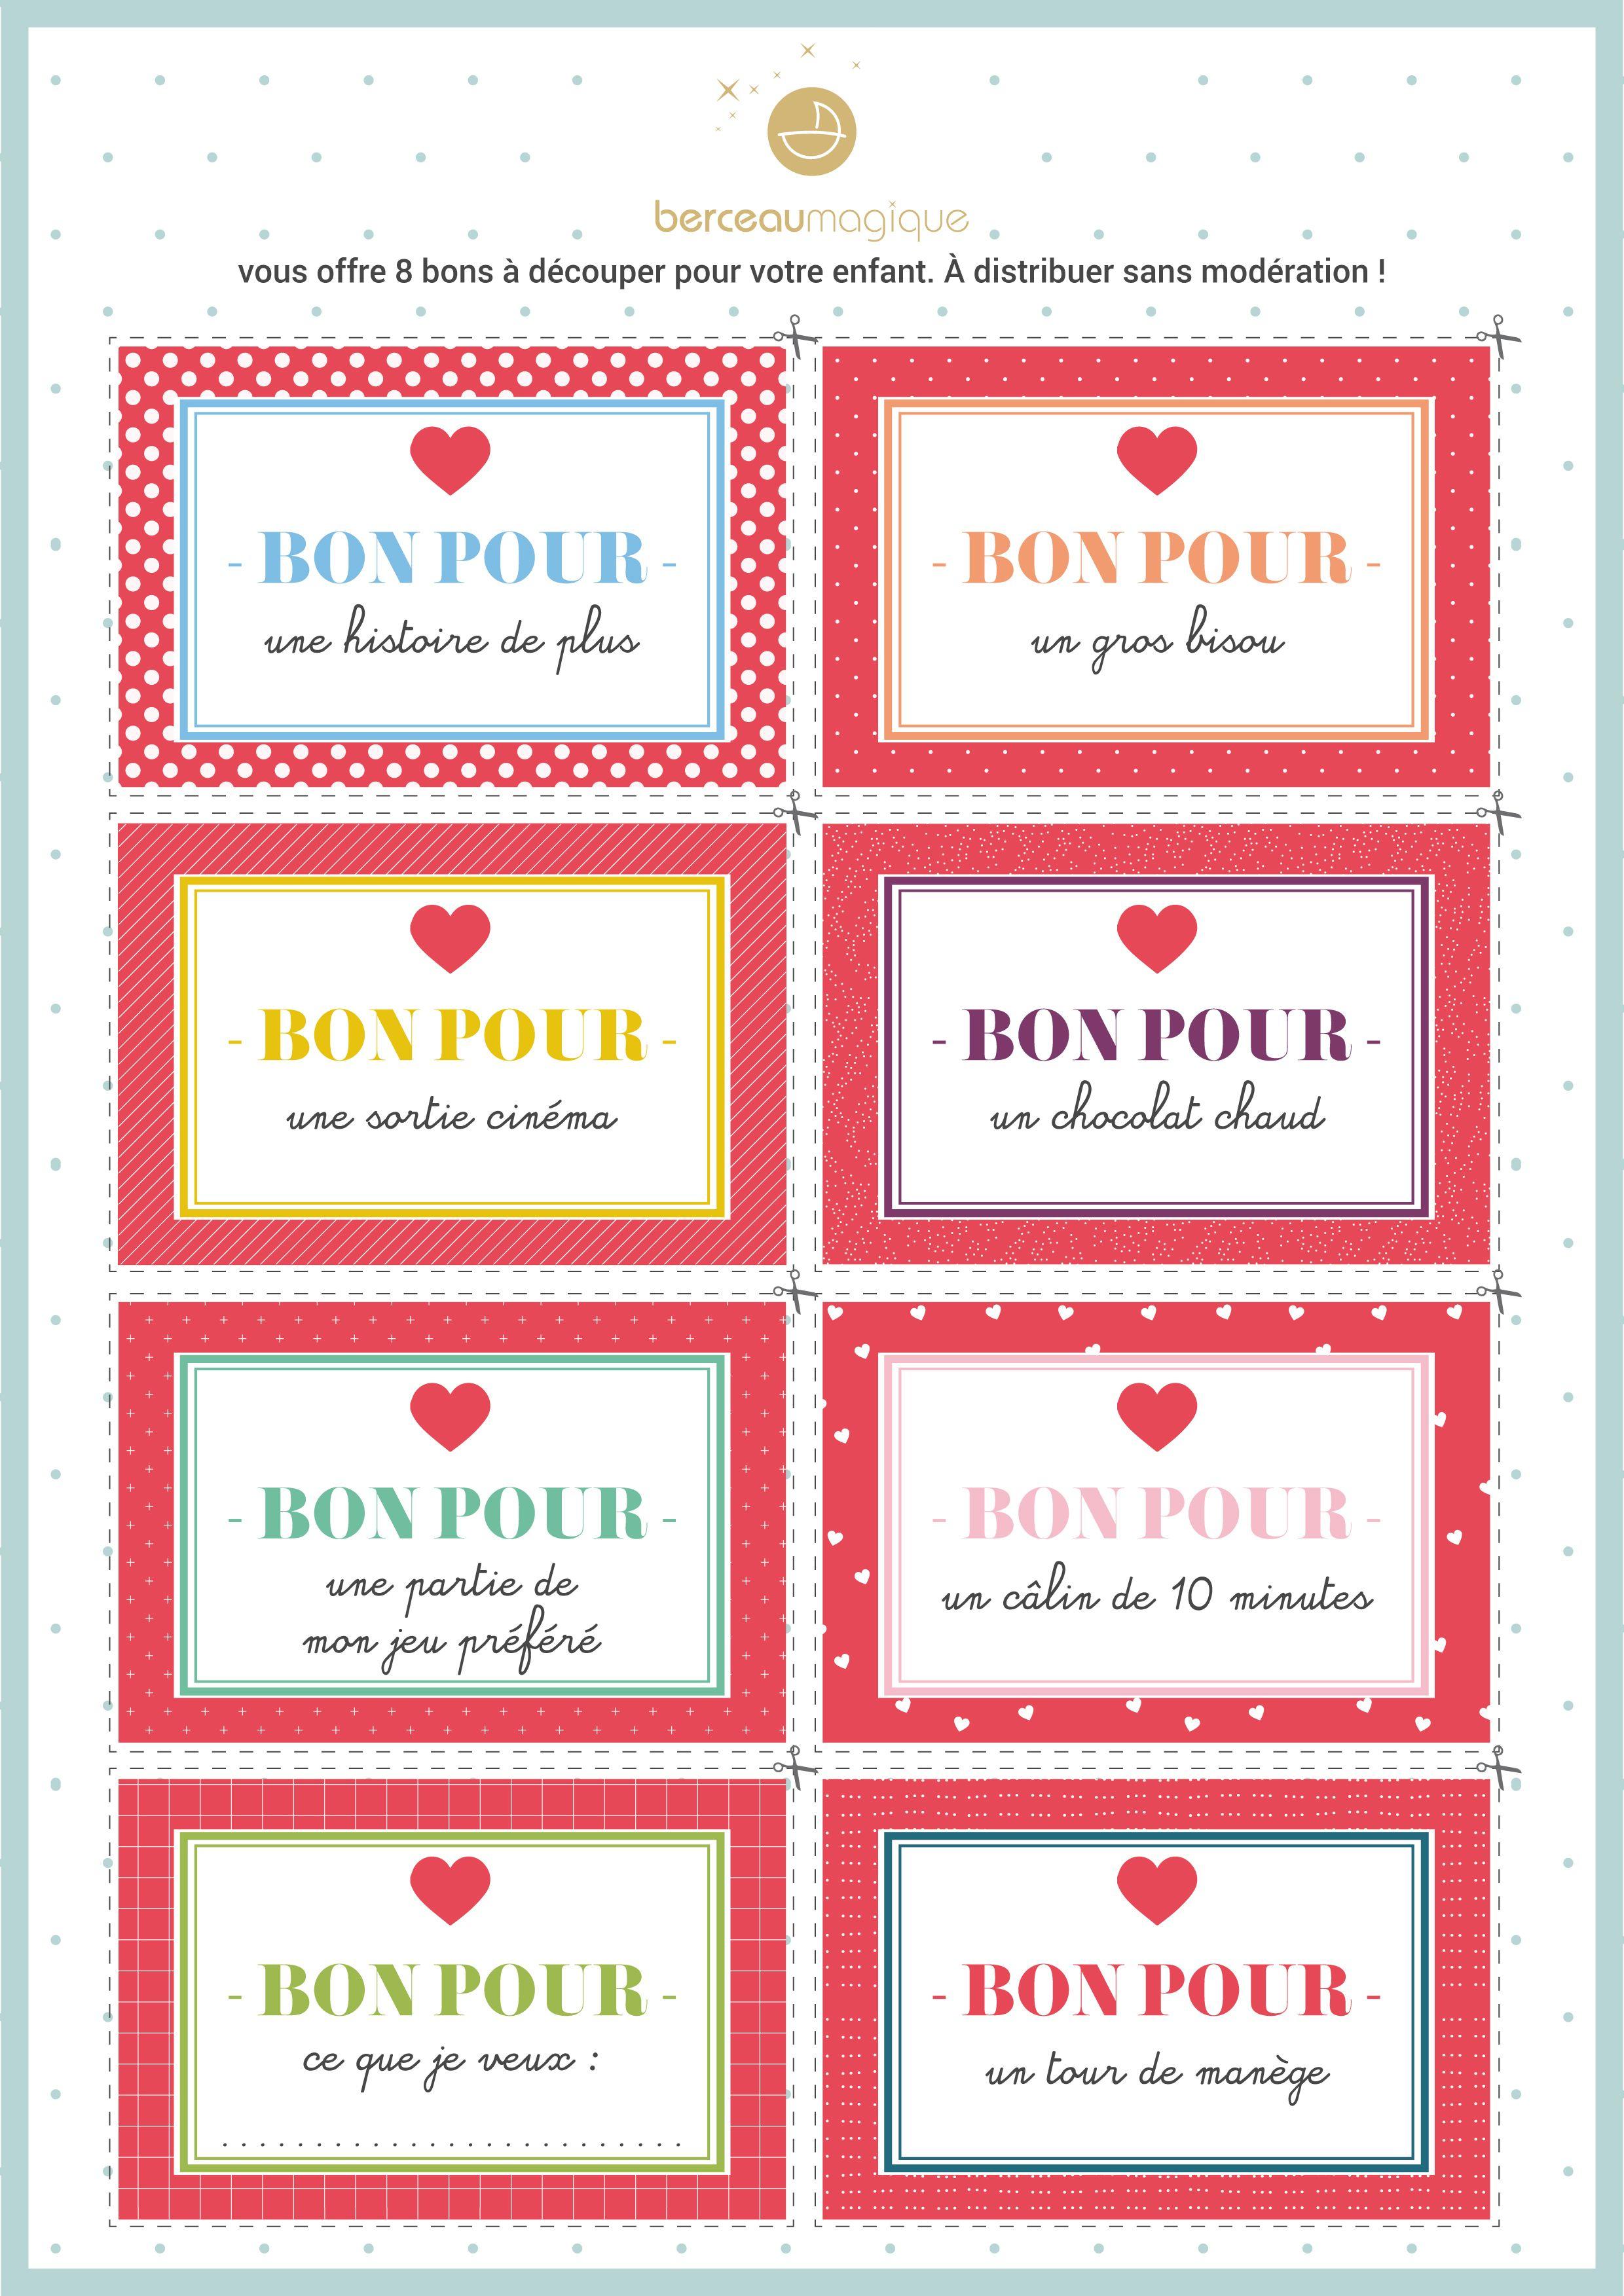 Des Bons Cadeaux Pour La Saint-Valentin   Bon Cadeau pour Et Un Cadeau Precieux